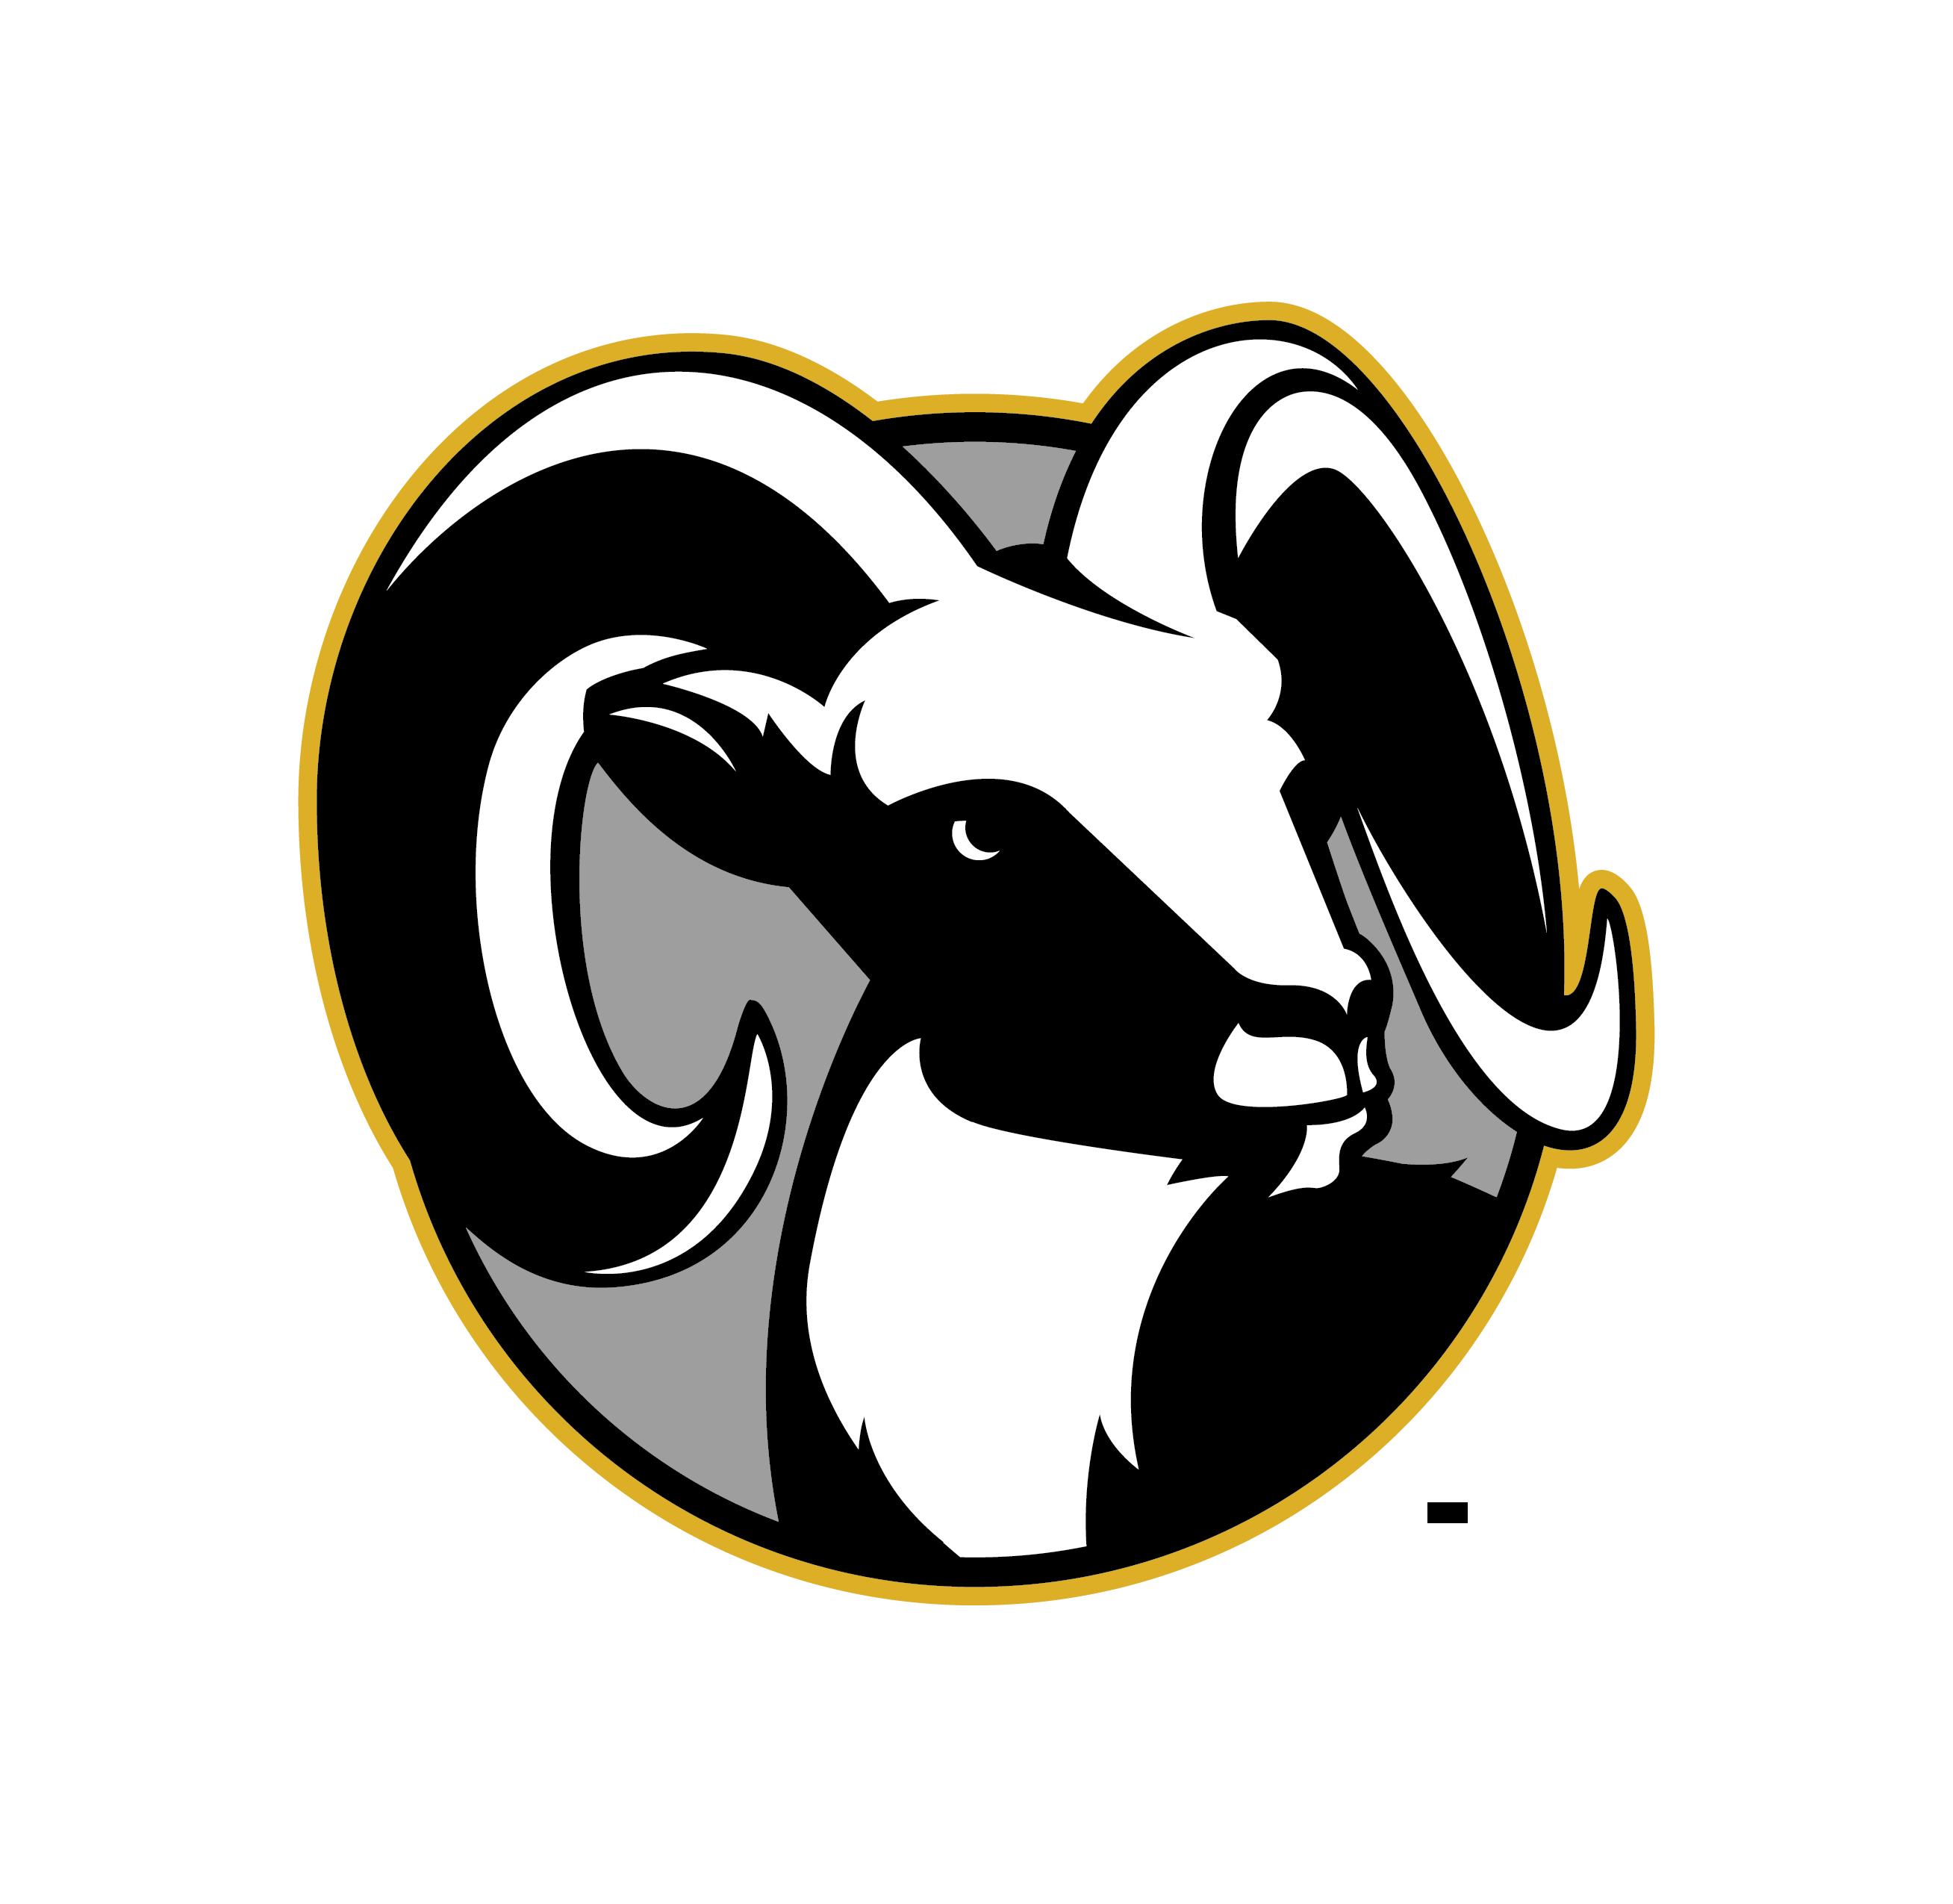 HighlandHighSpiritRam Typographic logo, Aries ram tattoo